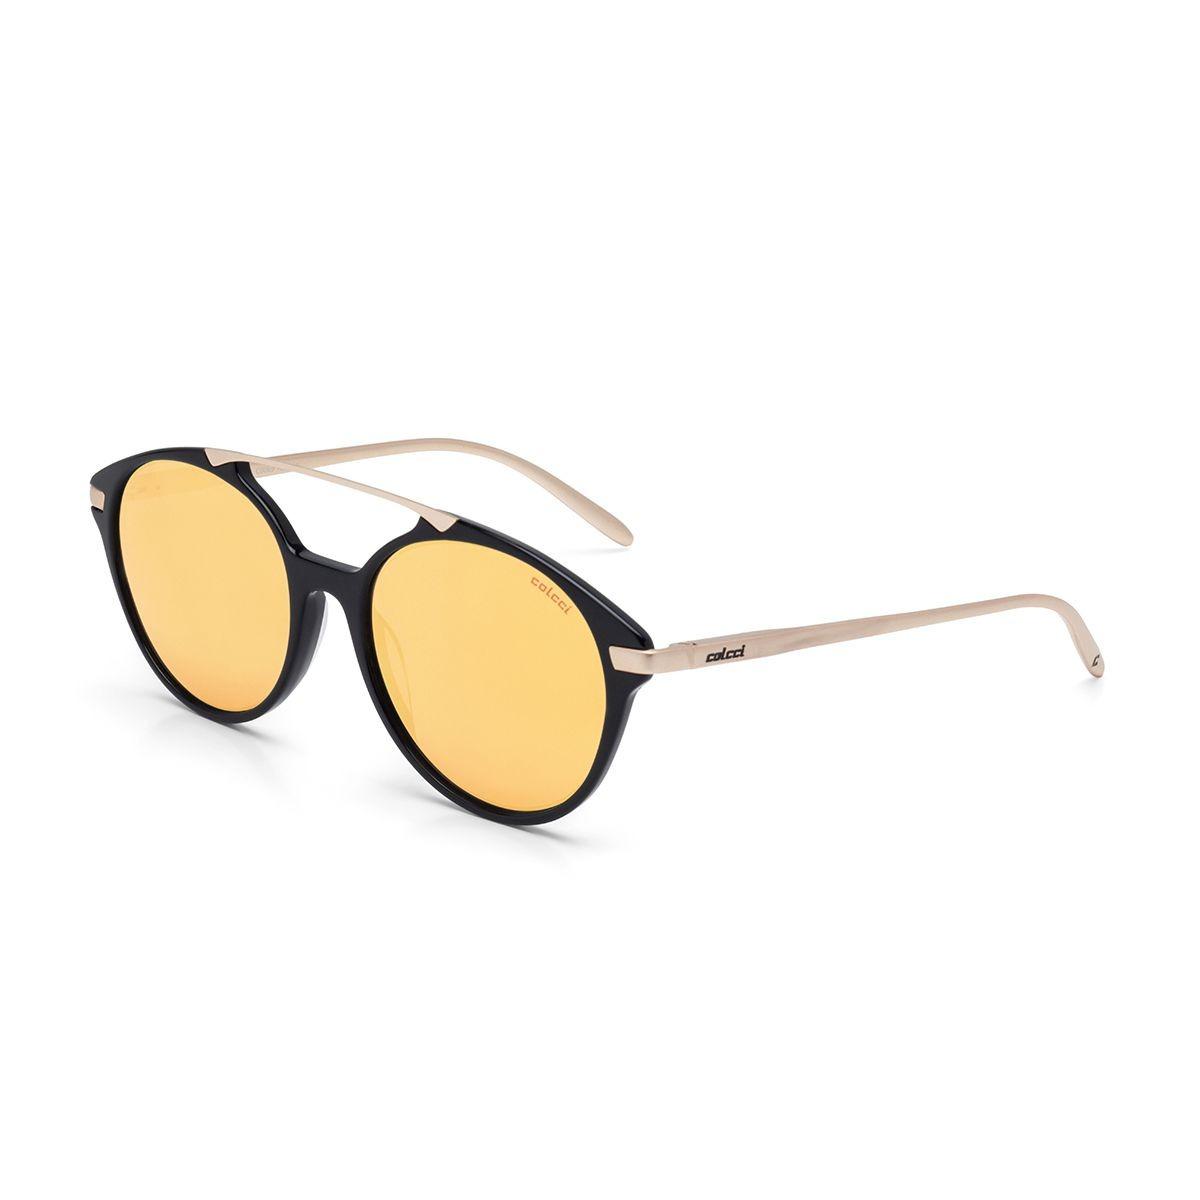 0573bd618 Óculos Solar Colcci C0069a3416 Preto Com Dourado Novidade - R$ 389 ...